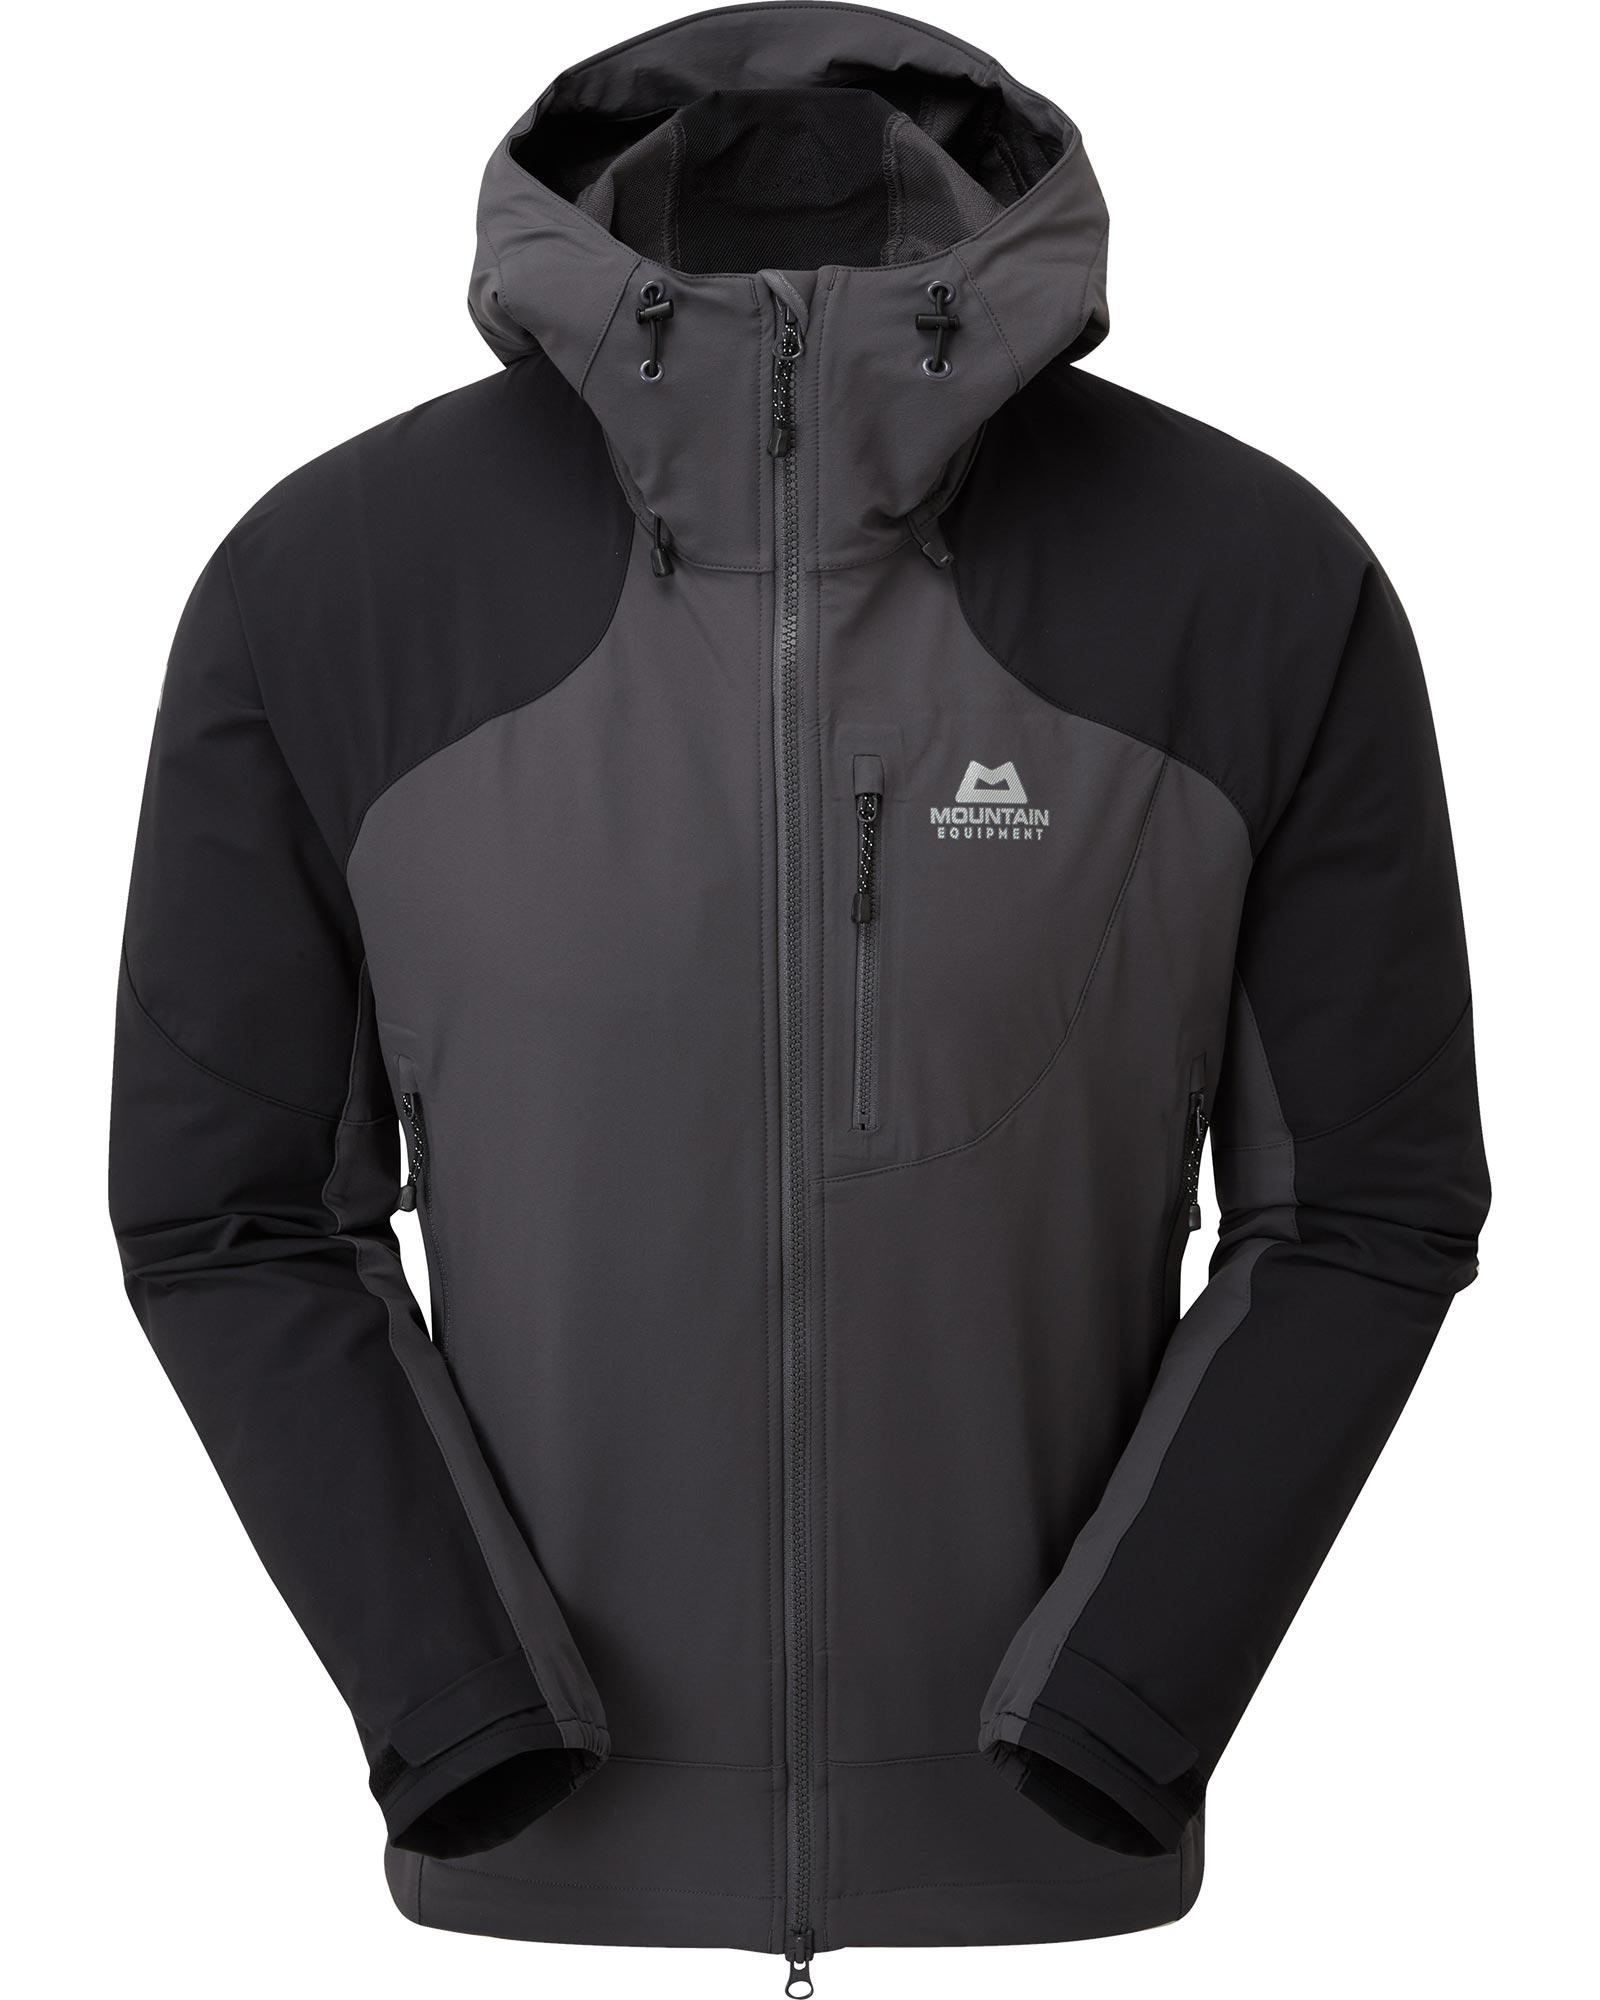 Mountain Equipment Men's Frontier Jacket 0